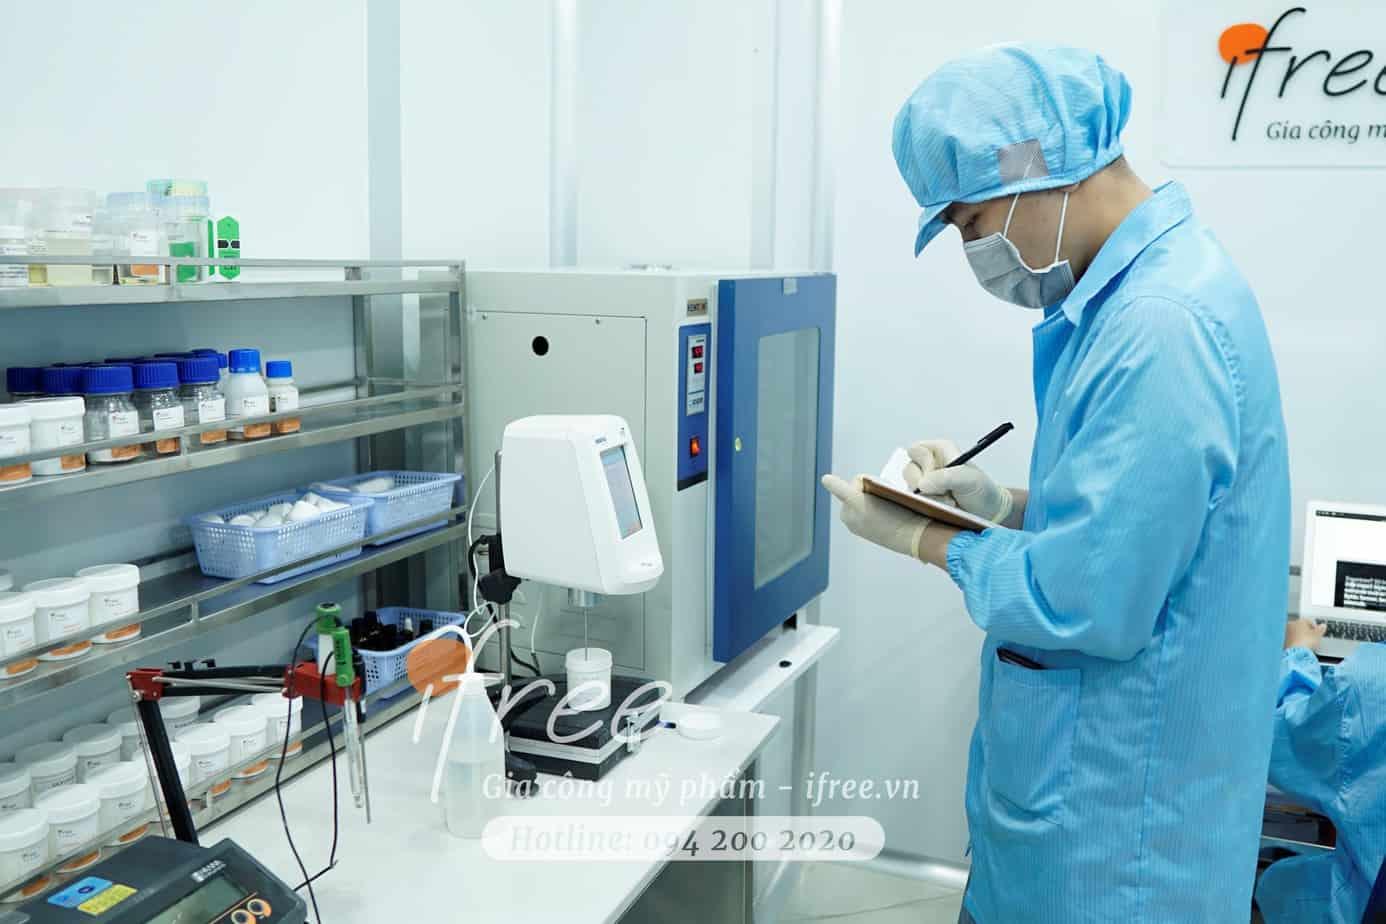 Đội ngũ nghiên cứu & phát triển đang điều chế mỹ phẩm mới